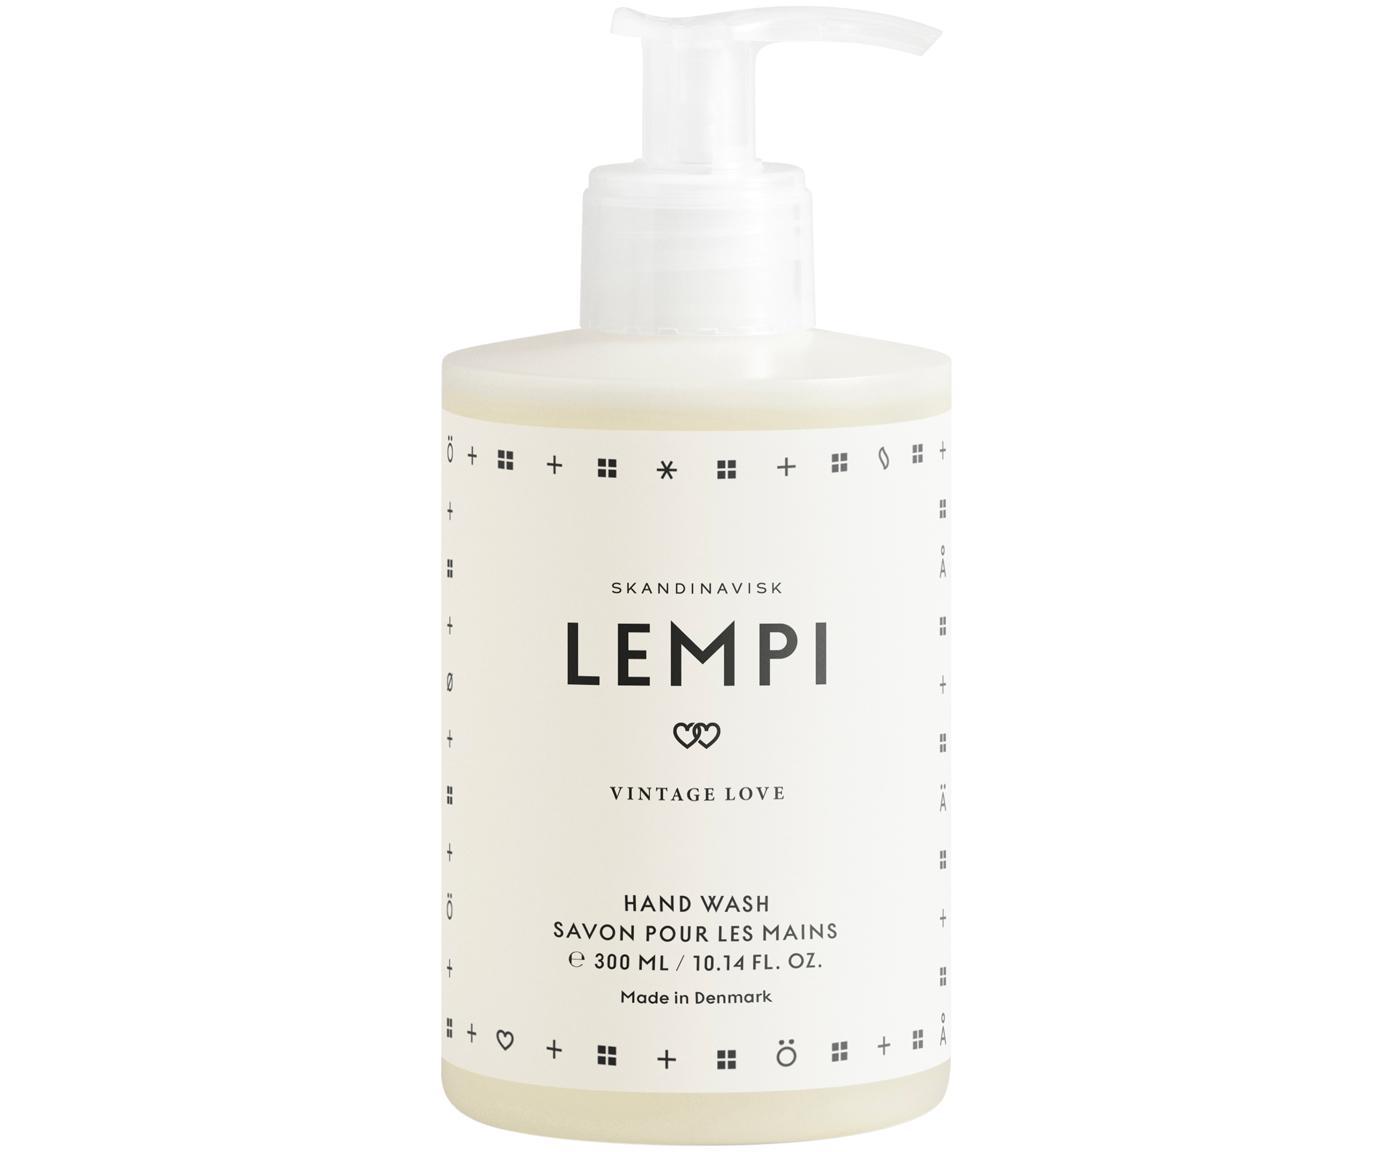 Mydło do rąk w płynie Lempi (róża), Biały, 300 ml